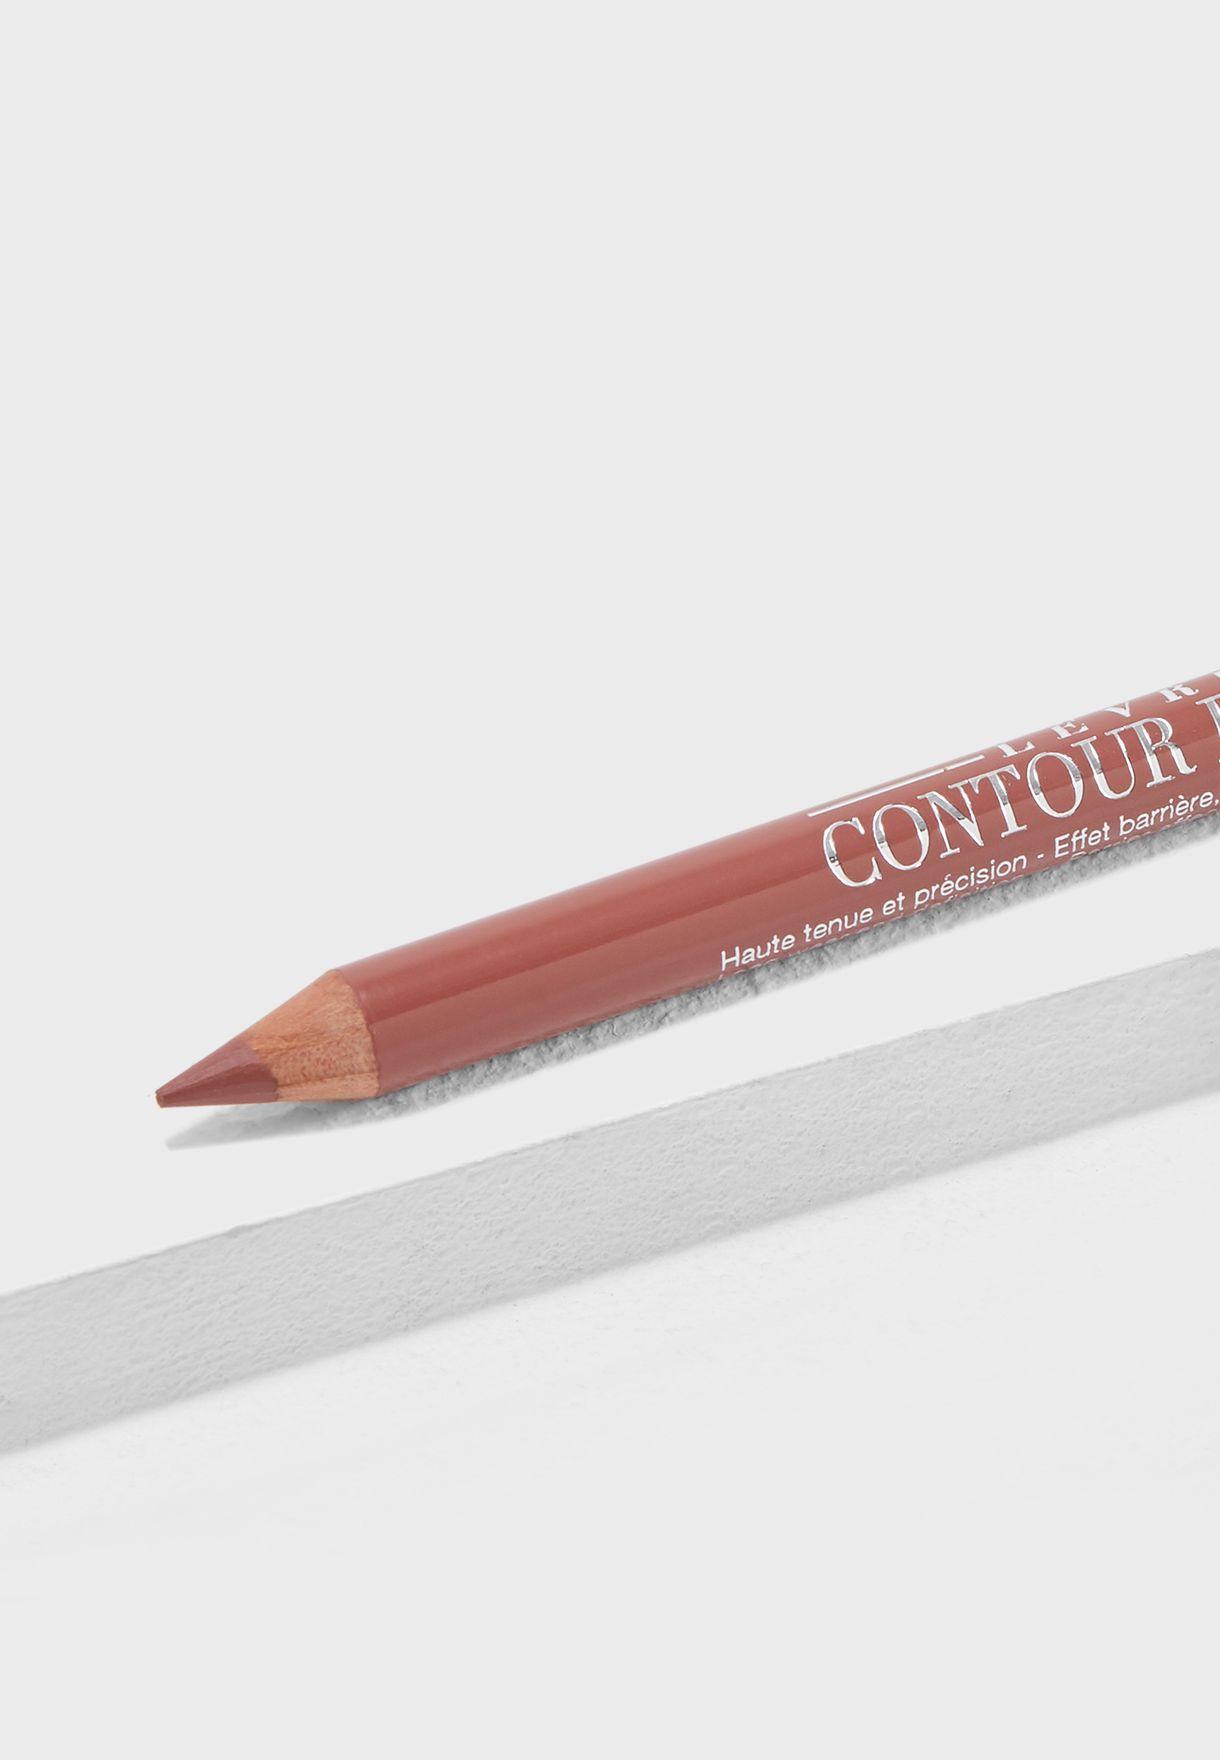 قلم لتحديد الشفاه - 11 فانكي براون